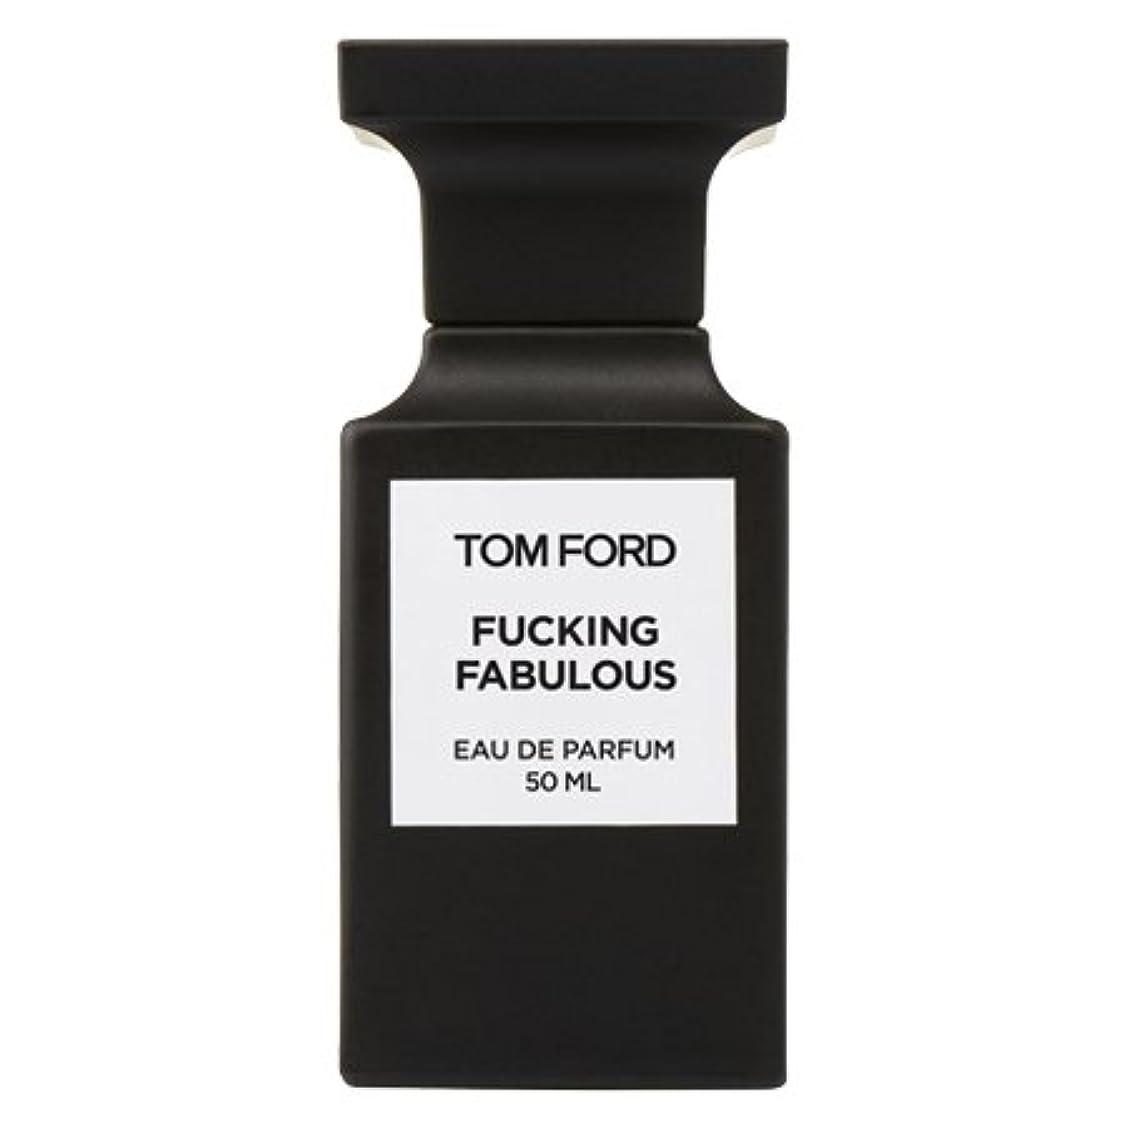 ライセンス支店命令トムフォード ファッキング ファビュラス オードパルファム EDP 50ml -TOM FORD- 【並行輸入品】